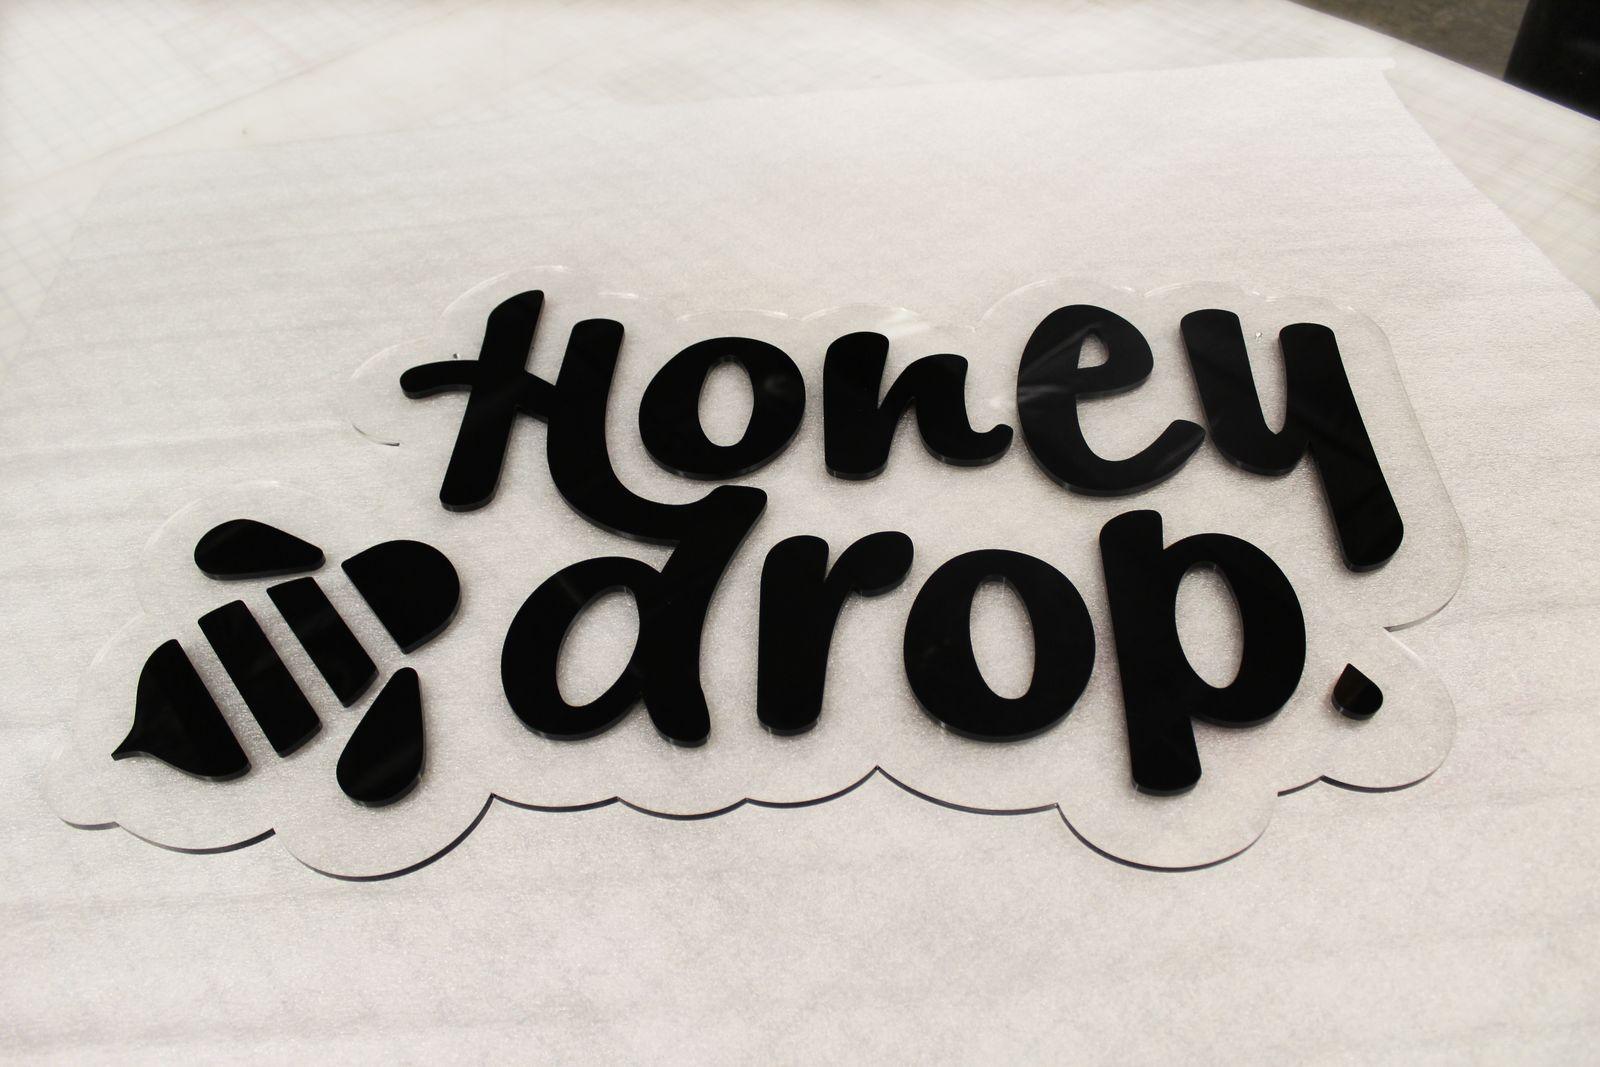 cast acrylic logo sign